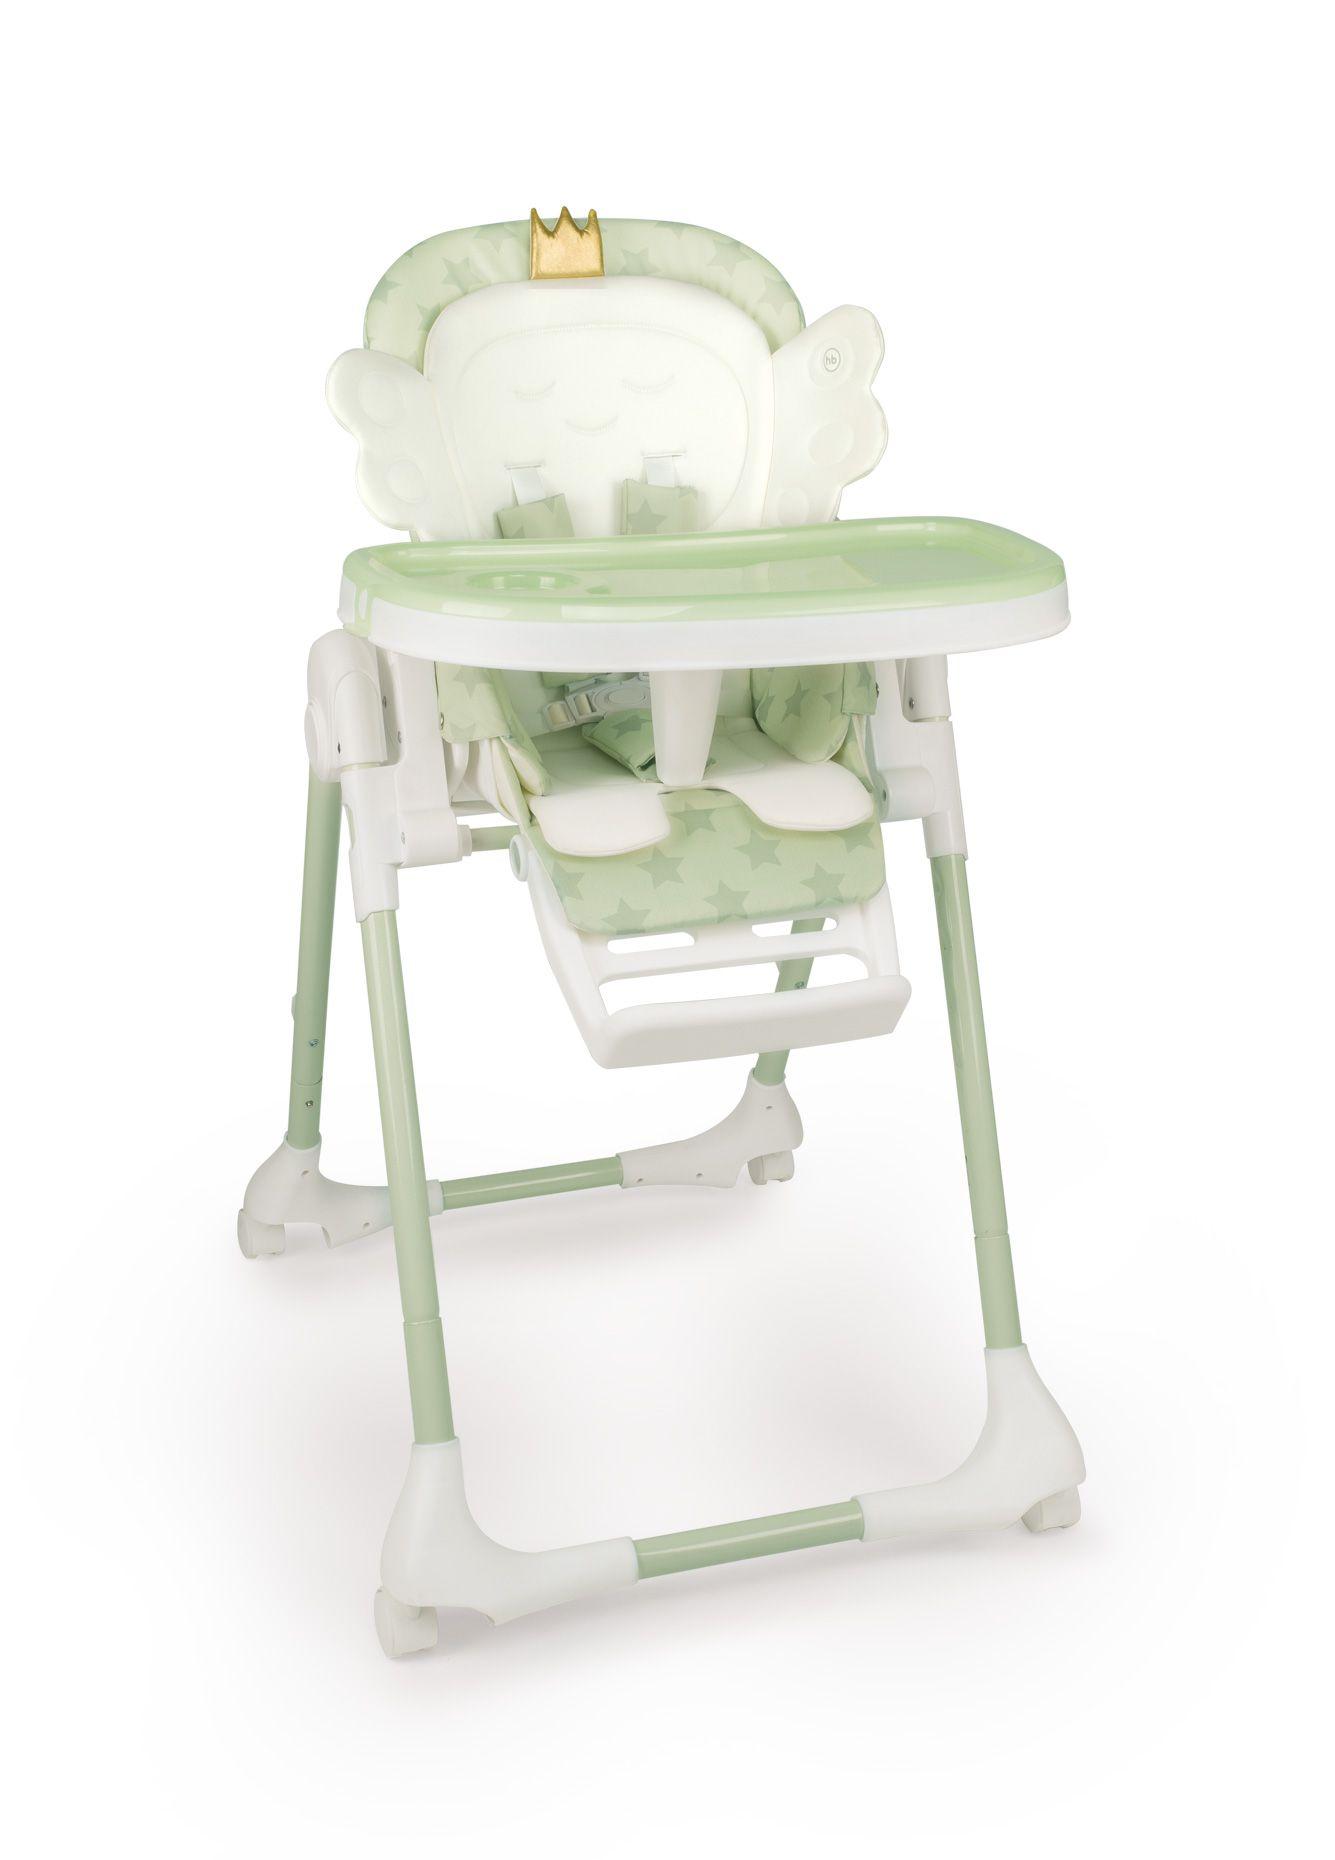 Купить Стульчик для кормления Happy Baby Wingy Grass, Стульчики для кормления